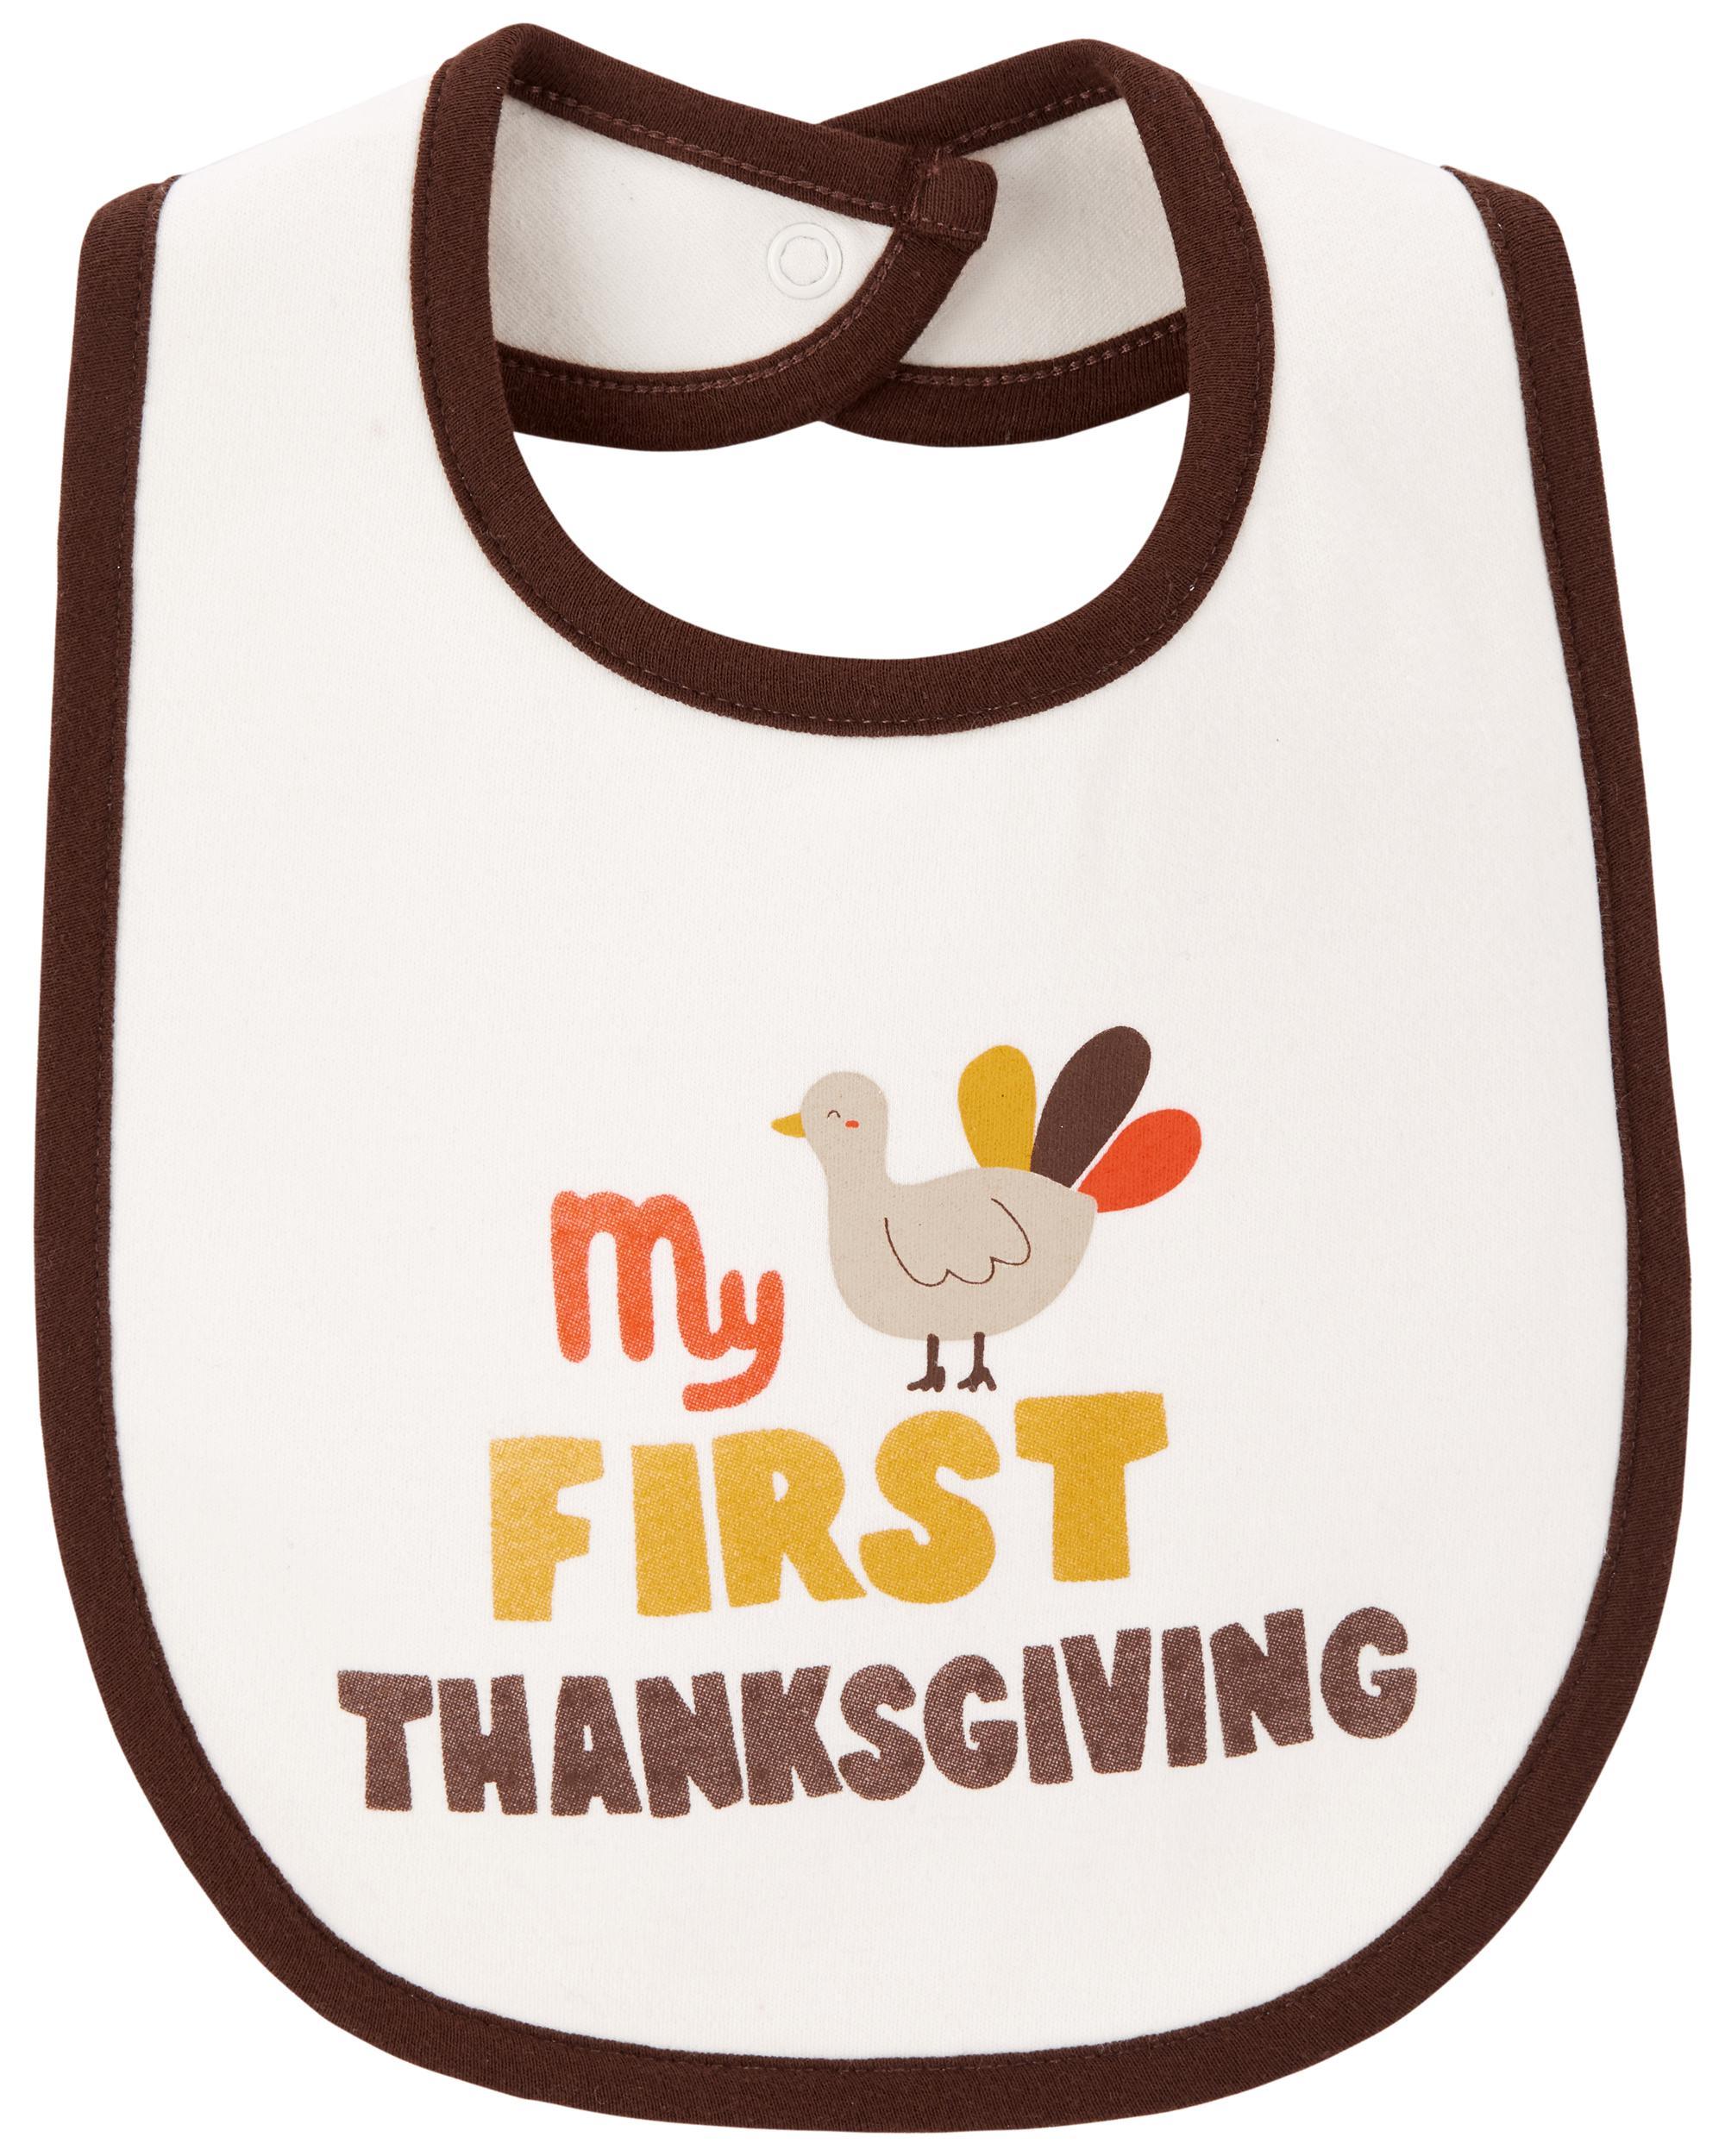 Carters First Thanksgiving Teething Bib